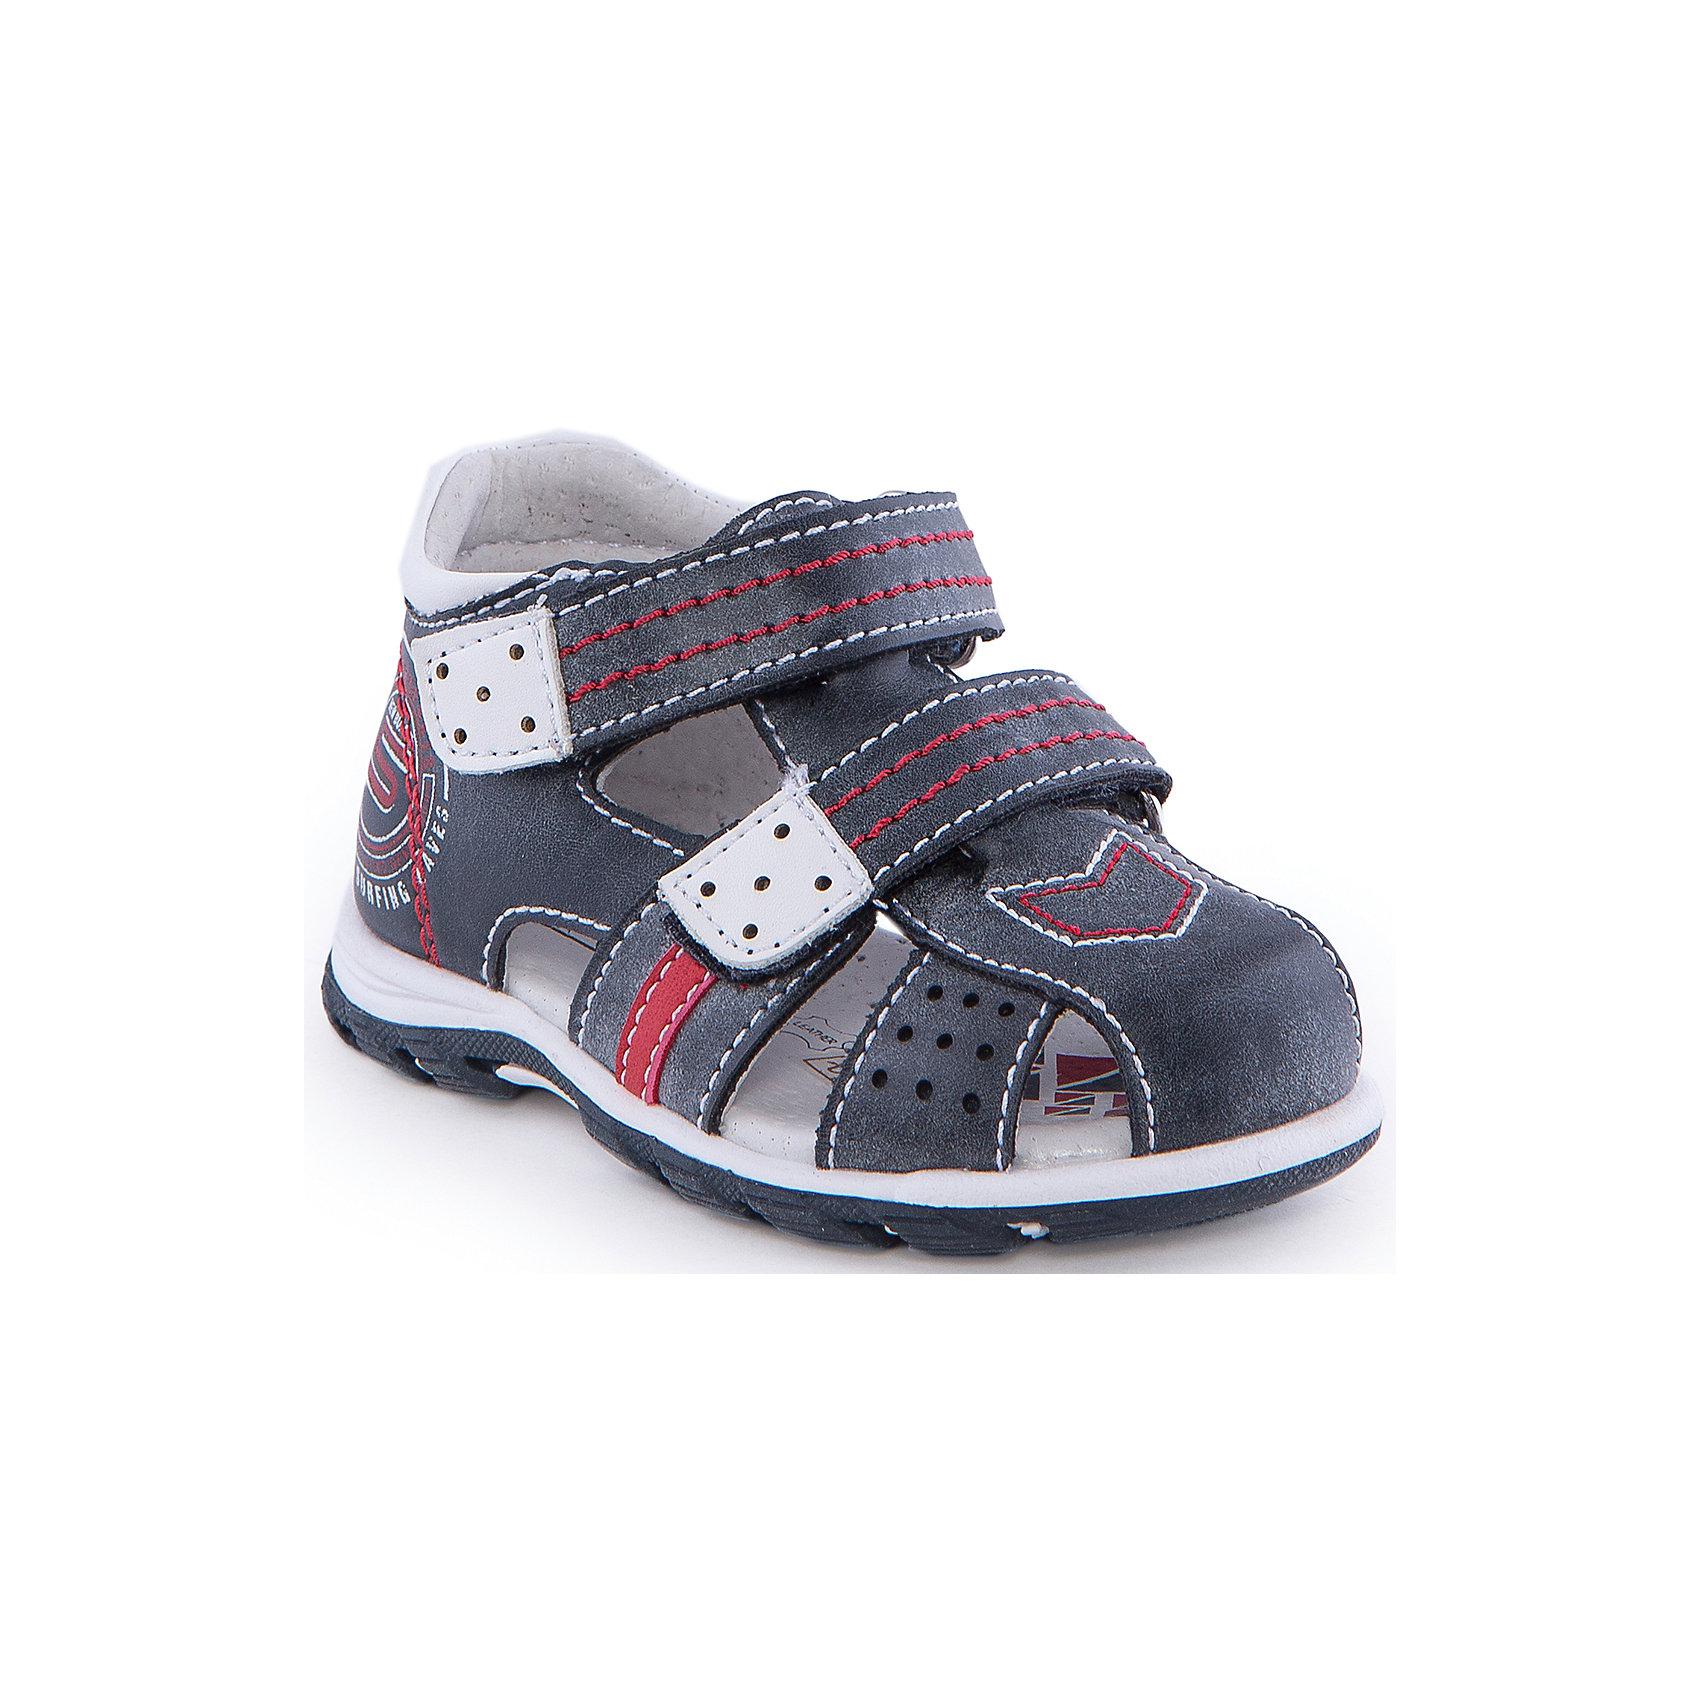 Сандалии для мальчика Indigo kidsСандалии<br>Сандалии для мальчика от известного бренда Indigo kids<br><br>Модные сандалии позволяют ножкам ребенка свободно дышать. Они легко надеваются и комфортно садятся по ноге. Оригинальный дизайн и качественное исполнение выделяют такую обувь из общего ряда новых моделей для этого сезона.<br><br>Особенности модели:<br><br>- цвет - синий;<br>- стильный дизайн;<br>- удобная колодка;<br>- декорированы контрастной прошивкой;<br>- кожаная подкладка;<br>- украшены принтом;<br>- устойчивая подошва;<br>- застежки: липучки.<br><br>Дополнительная информация:<br><br>Состав:<br><br>верх – искусственная кожа;<br>подкладка -   натуральная кожа;<br>подошва - ТЭП.<br><br>Сандалии для мальчика Indigo kids (Индиго Кидс) можно купить в нашем магазине.<br><br>Ширина мм: 219<br>Глубина мм: 154<br>Высота мм: 121<br>Вес г: 343<br>Цвет: синий<br>Возраст от месяцев: 12<br>Возраст до месяцев: 15<br>Пол: Мужской<br>Возраст: Детский<br>Размер: 21,20,25,23,22,24<br>SKU: 4582770